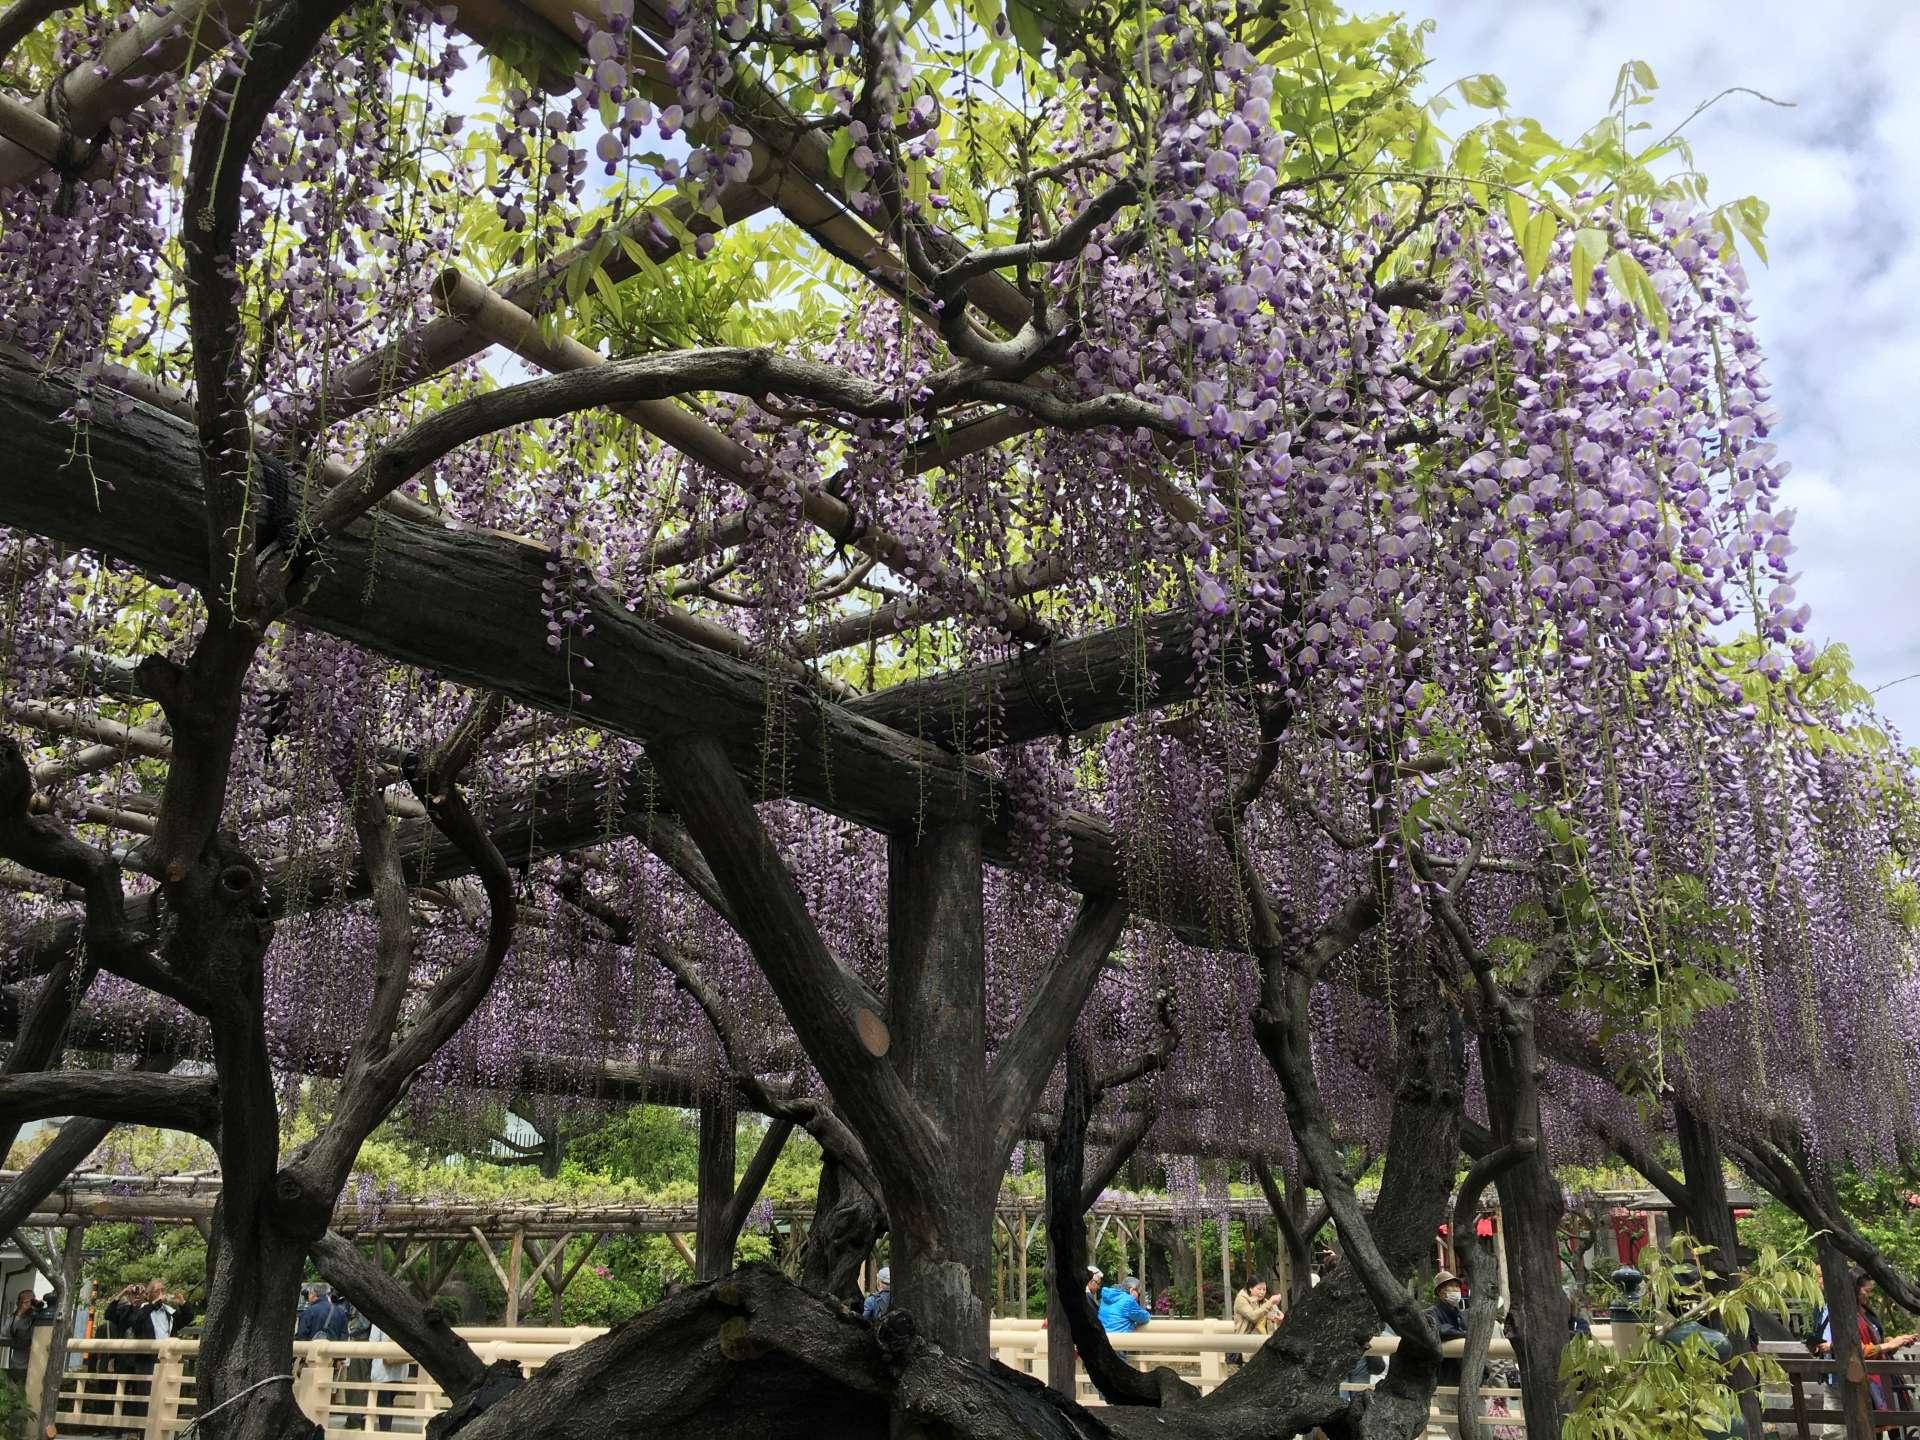 飘逸在棚架上的紫藤散发着淡淡的花香